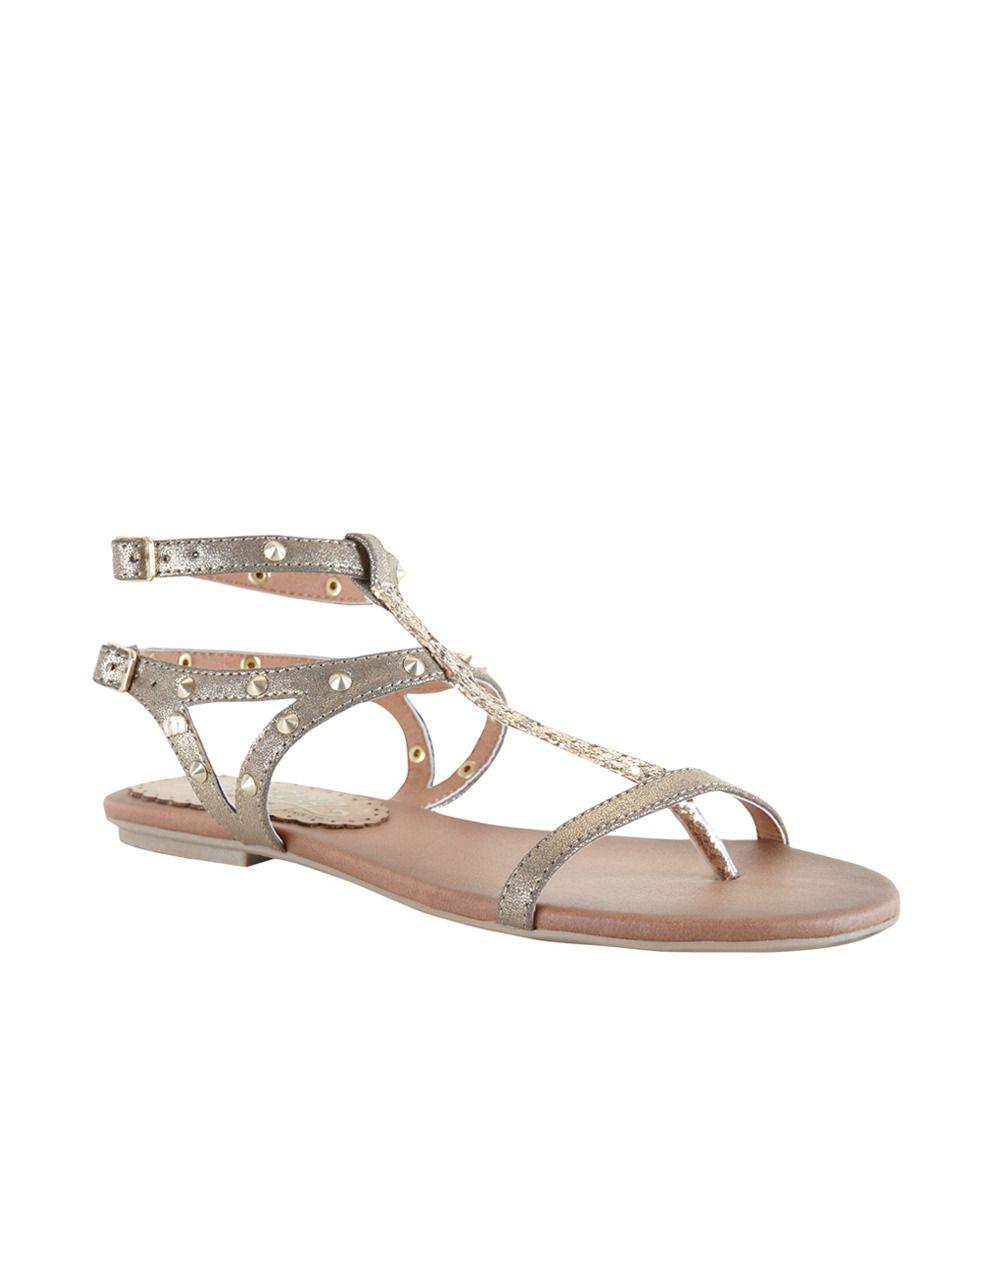 31393098ced Sandalias de mujer Mustang - Mujer - Zapatos - El Corte Inglés - Moda